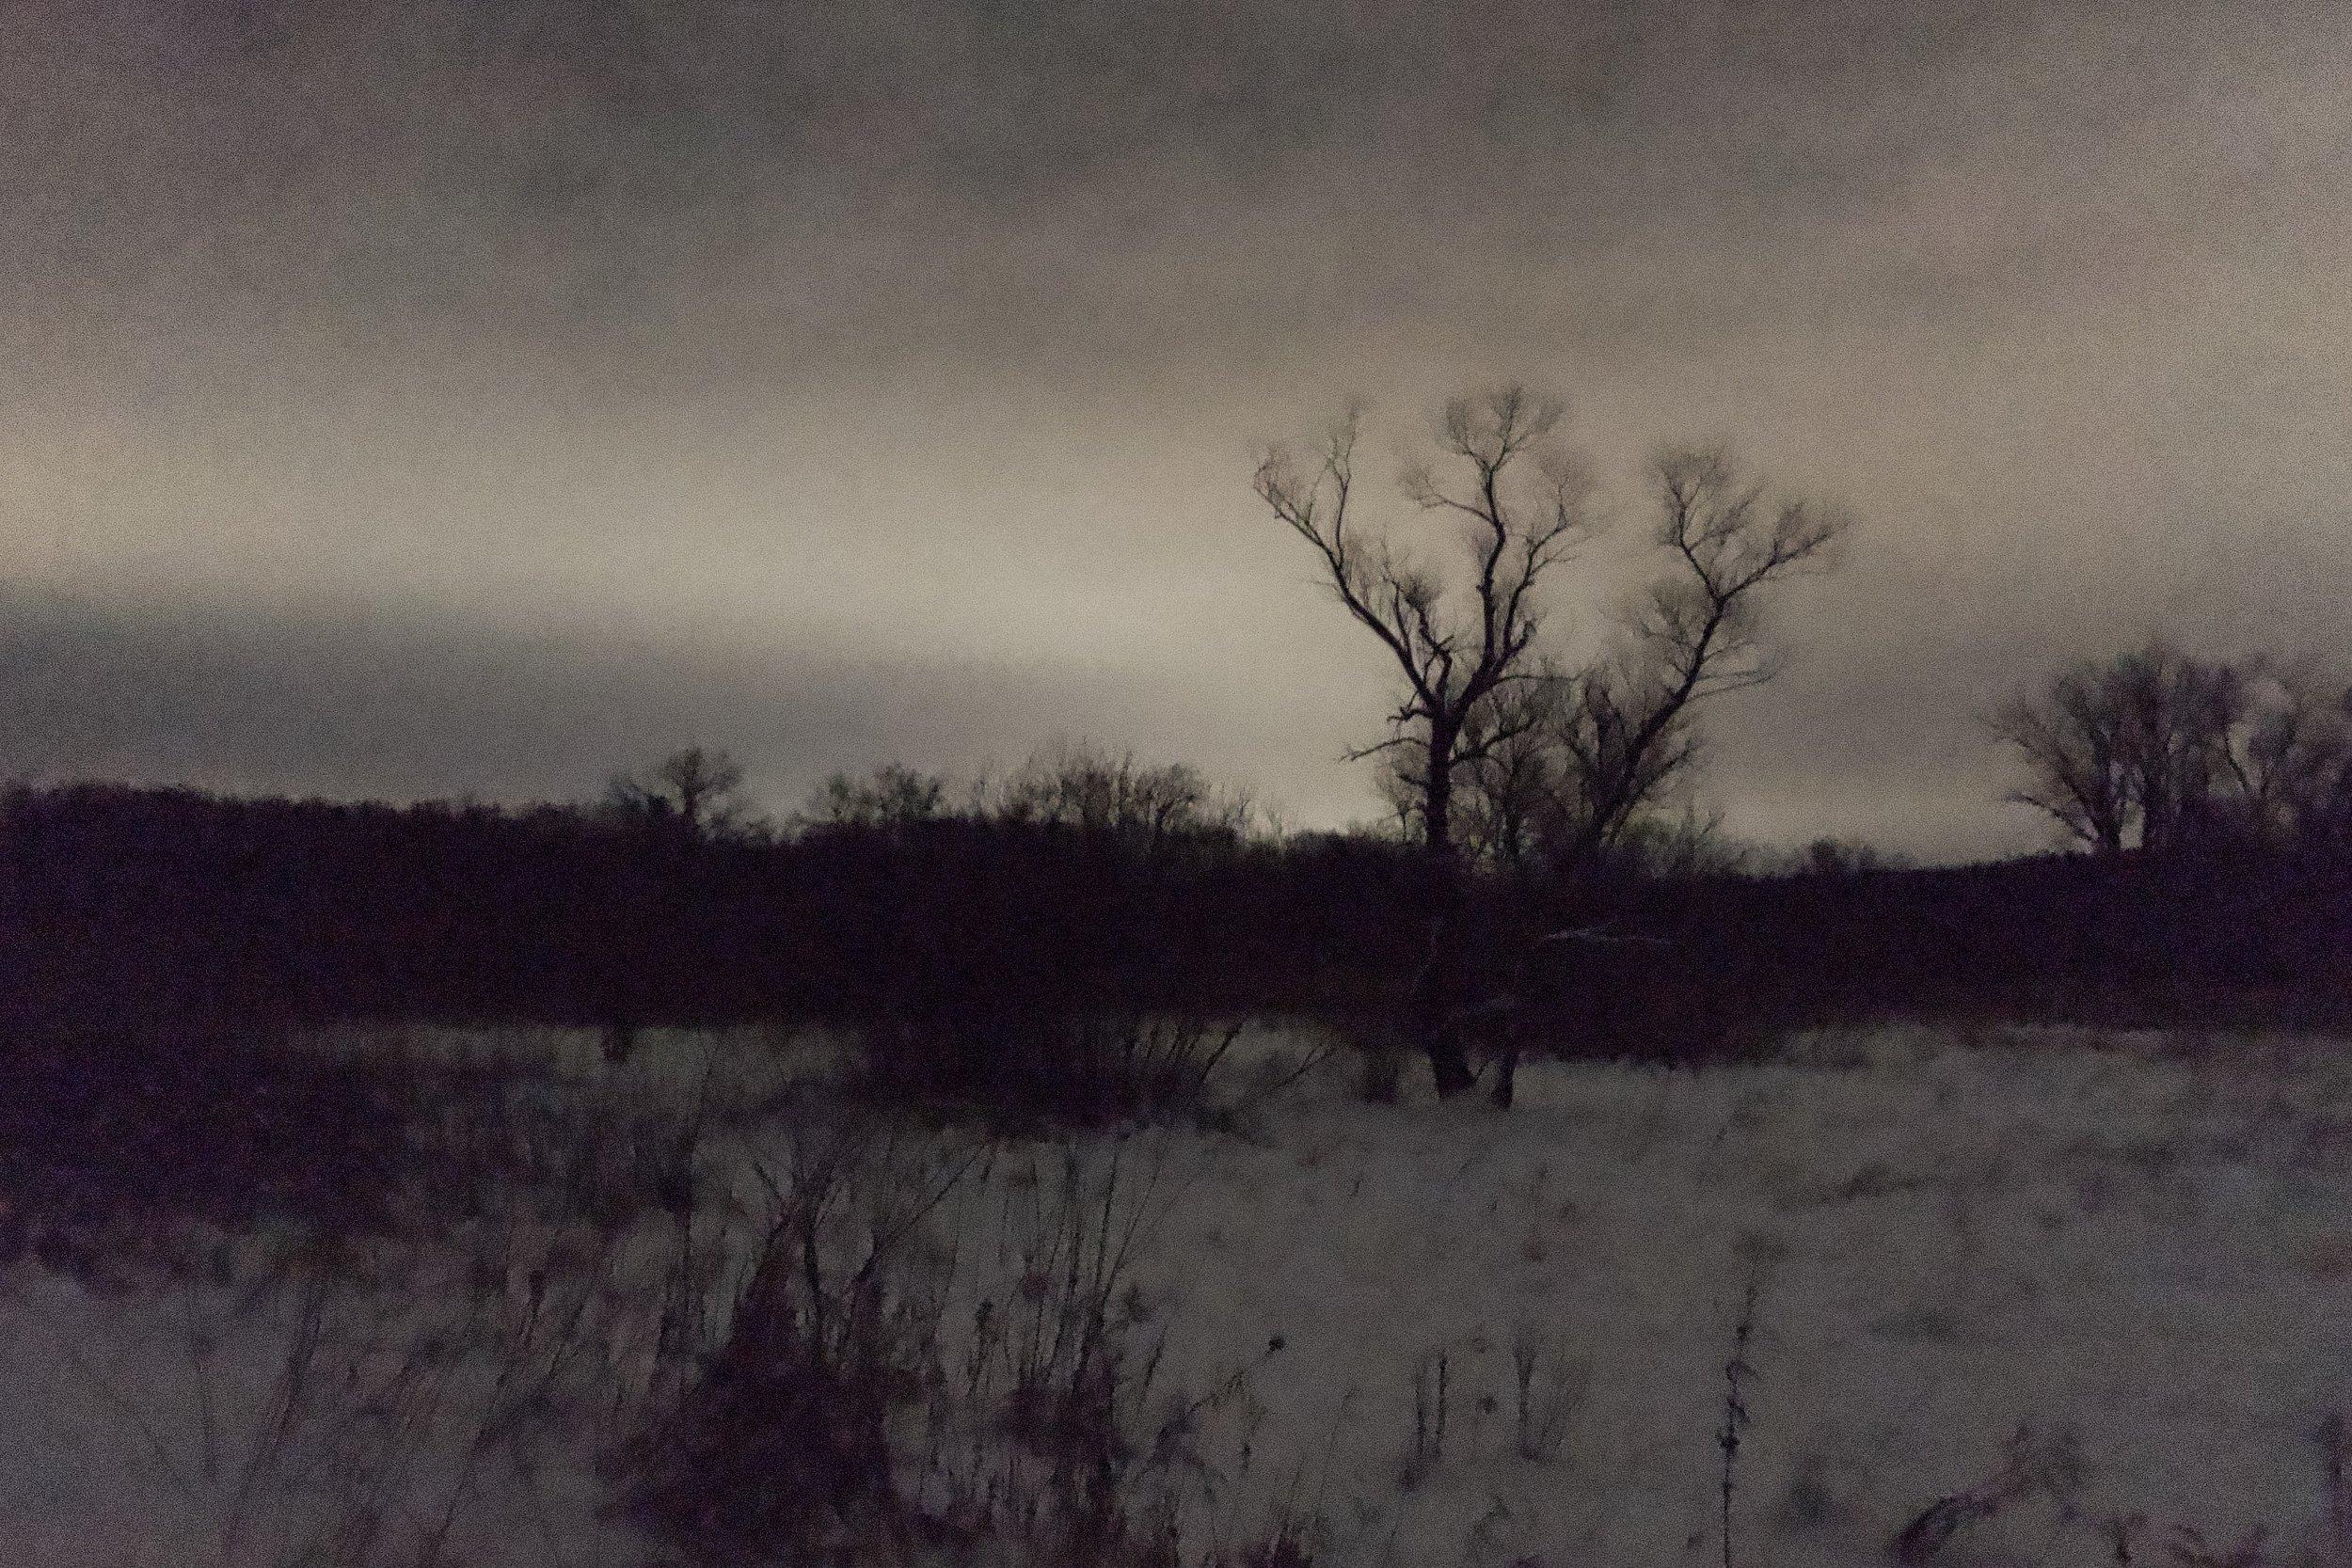 Bleakness. UW Arboretum.  Madison, Wisconsin.  January 2019.  ©William D. Walker